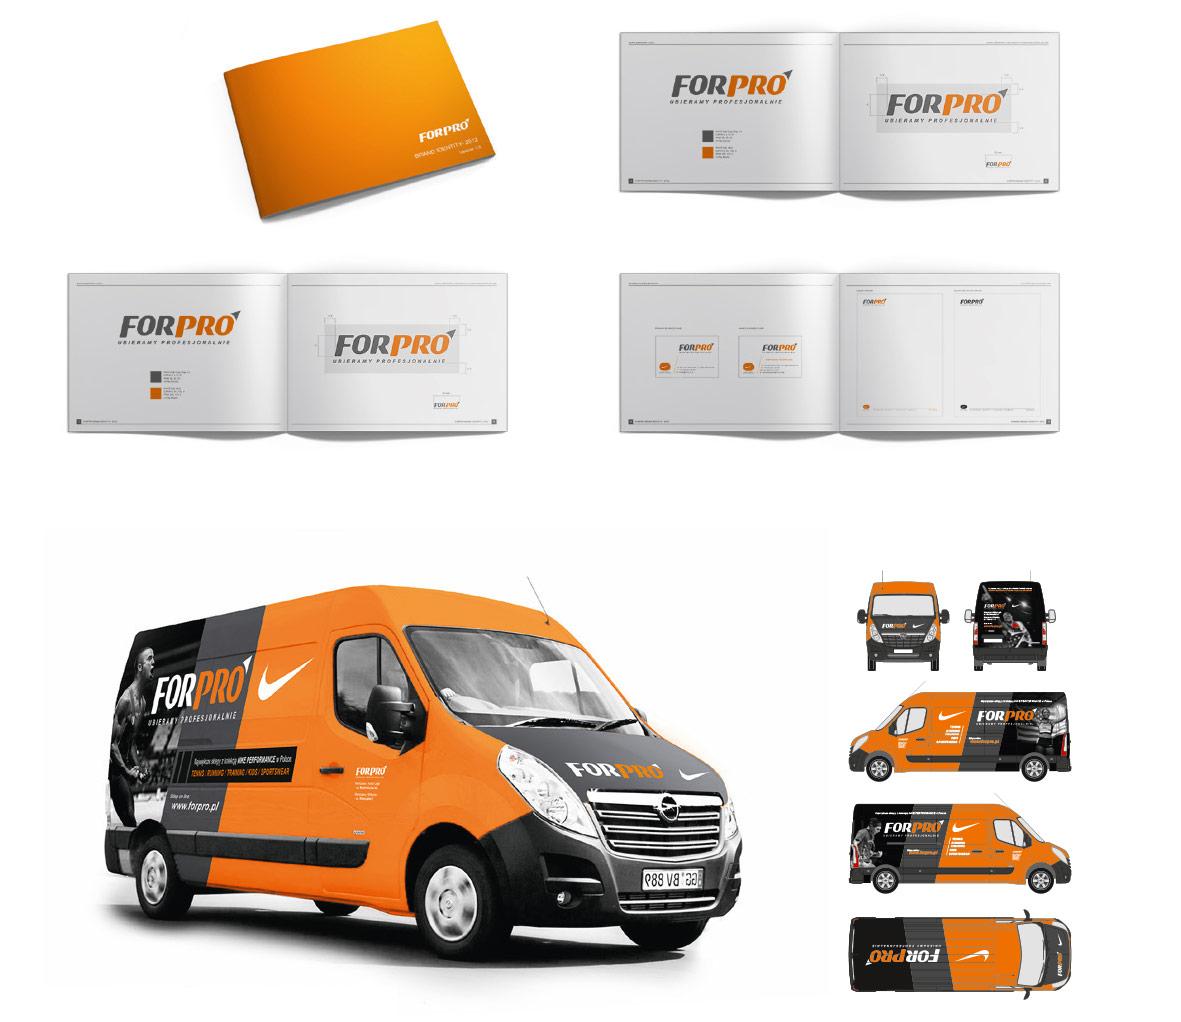 ForPro, Identyfikacja wizualna, corporate identity, Brand Design Studio, księga znaku, kreacja, produkcja